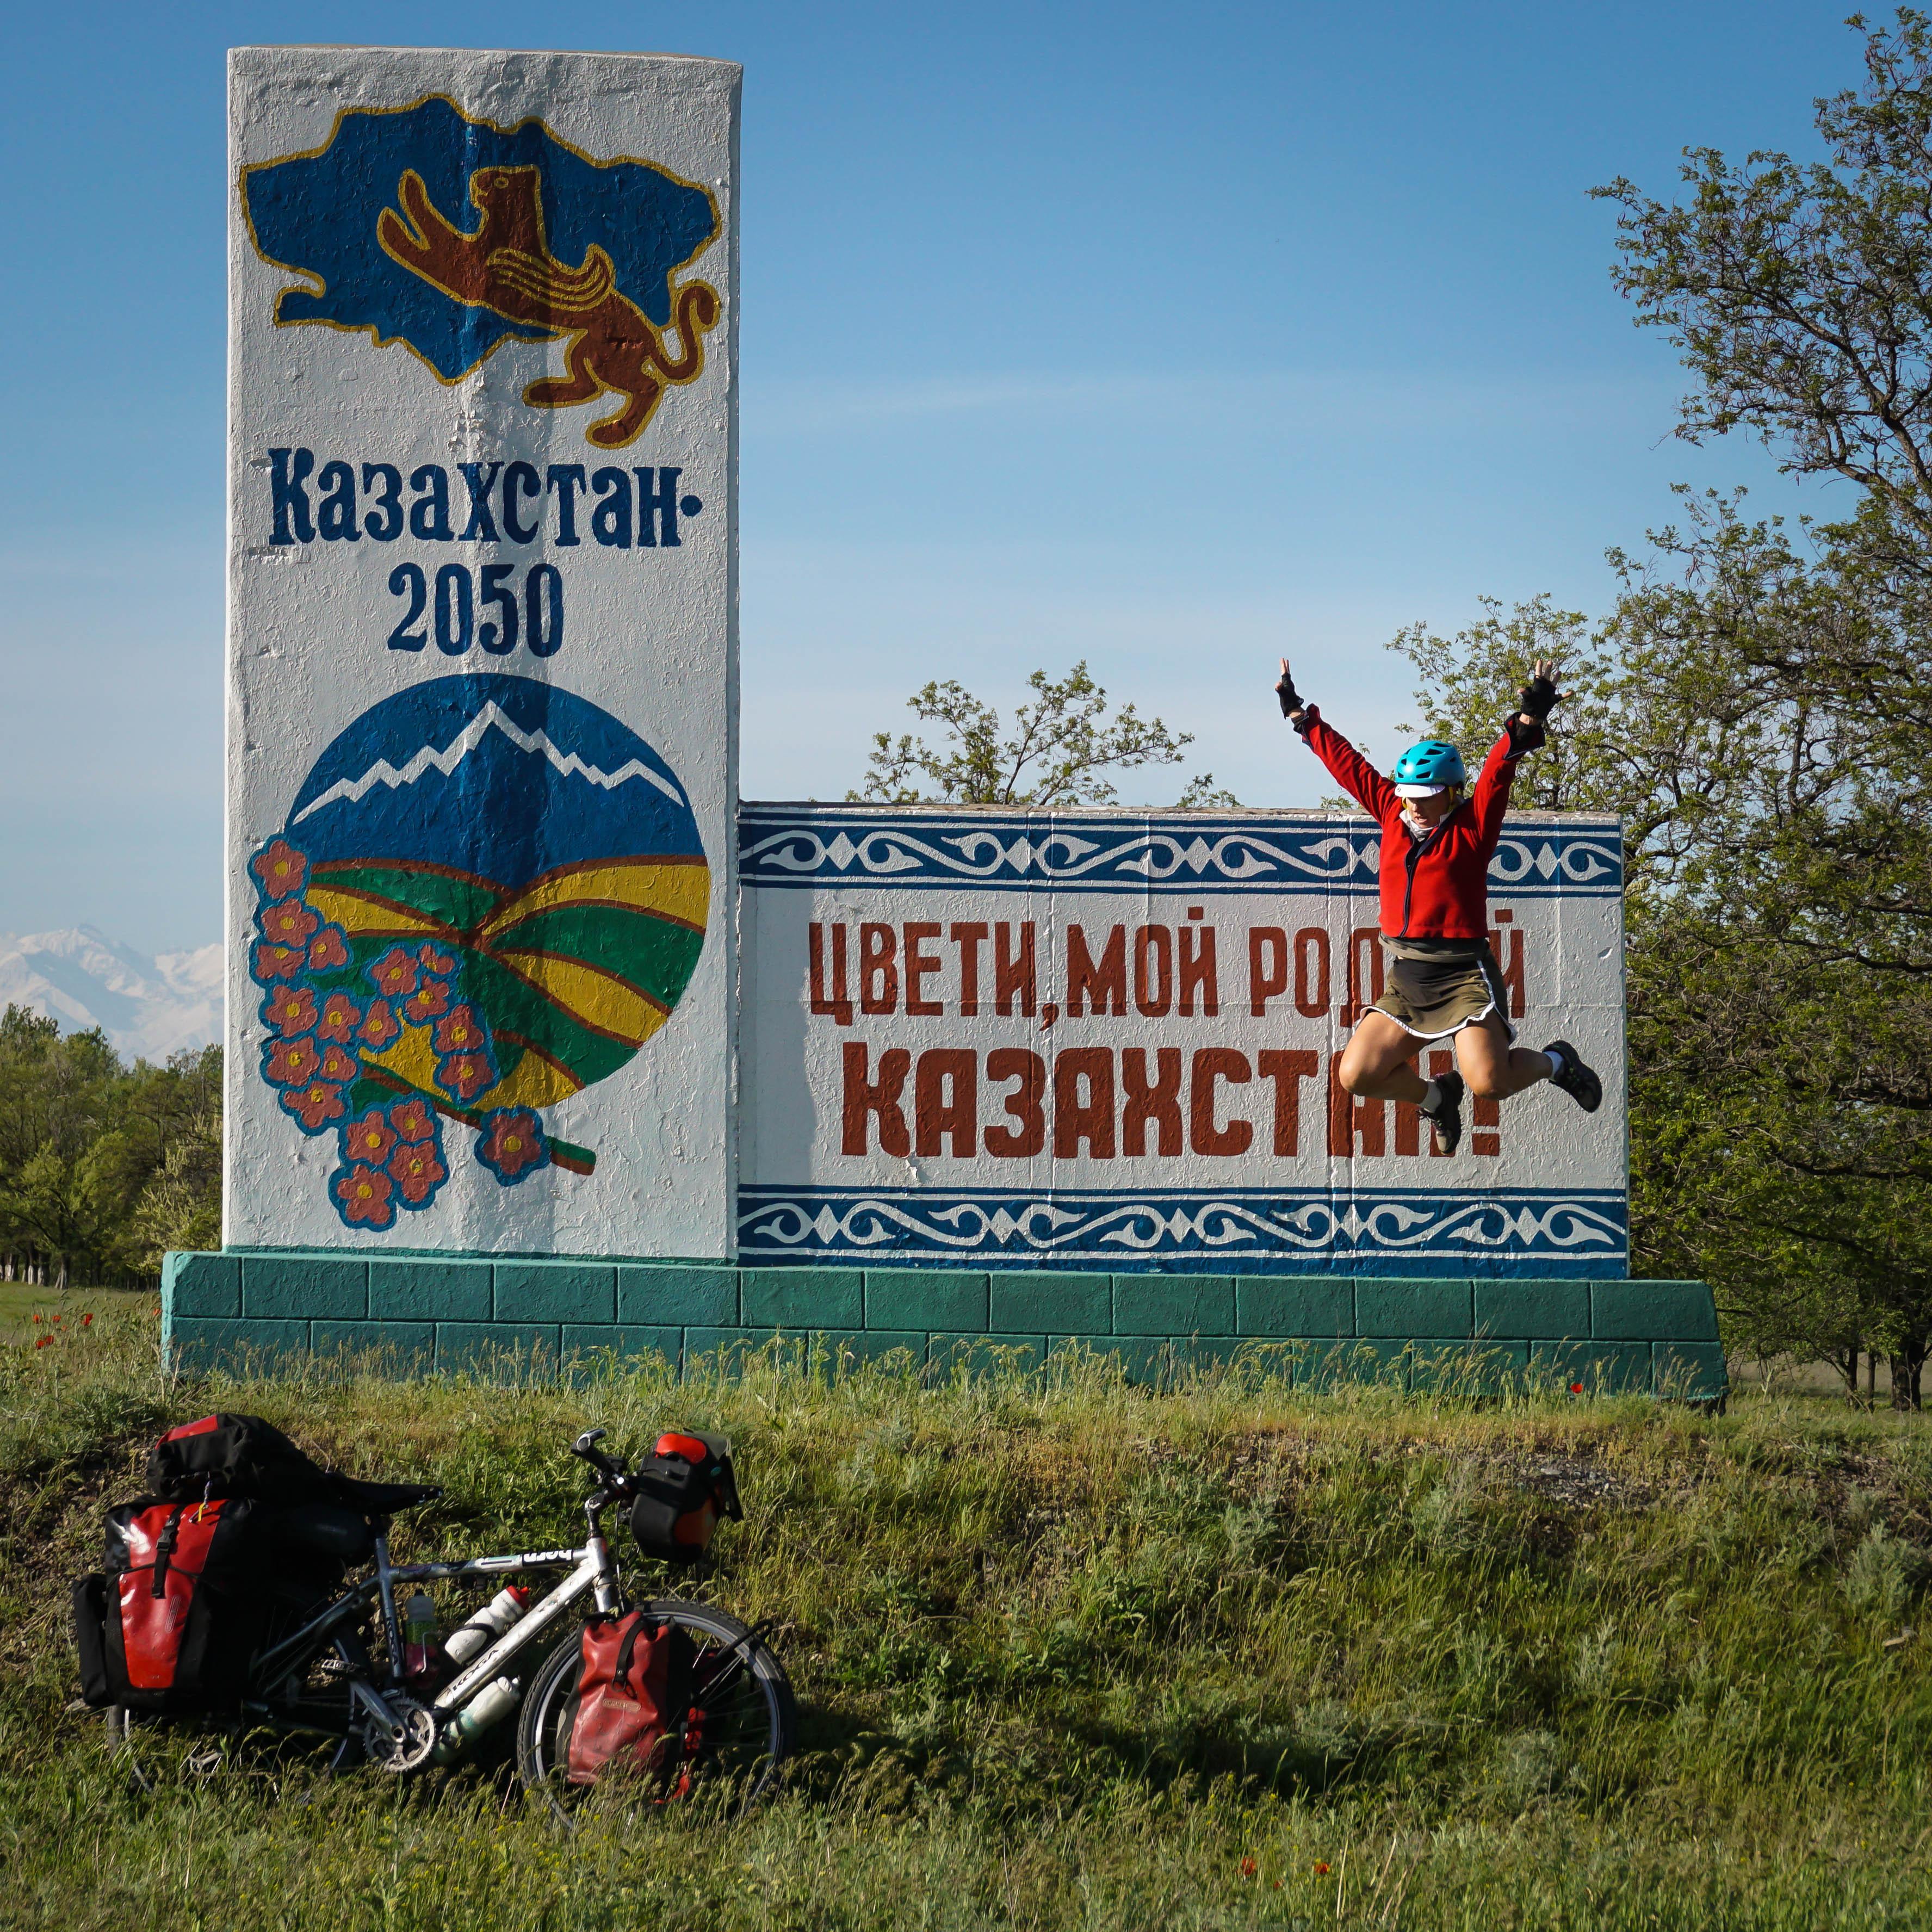 Hello Kazakhstan!